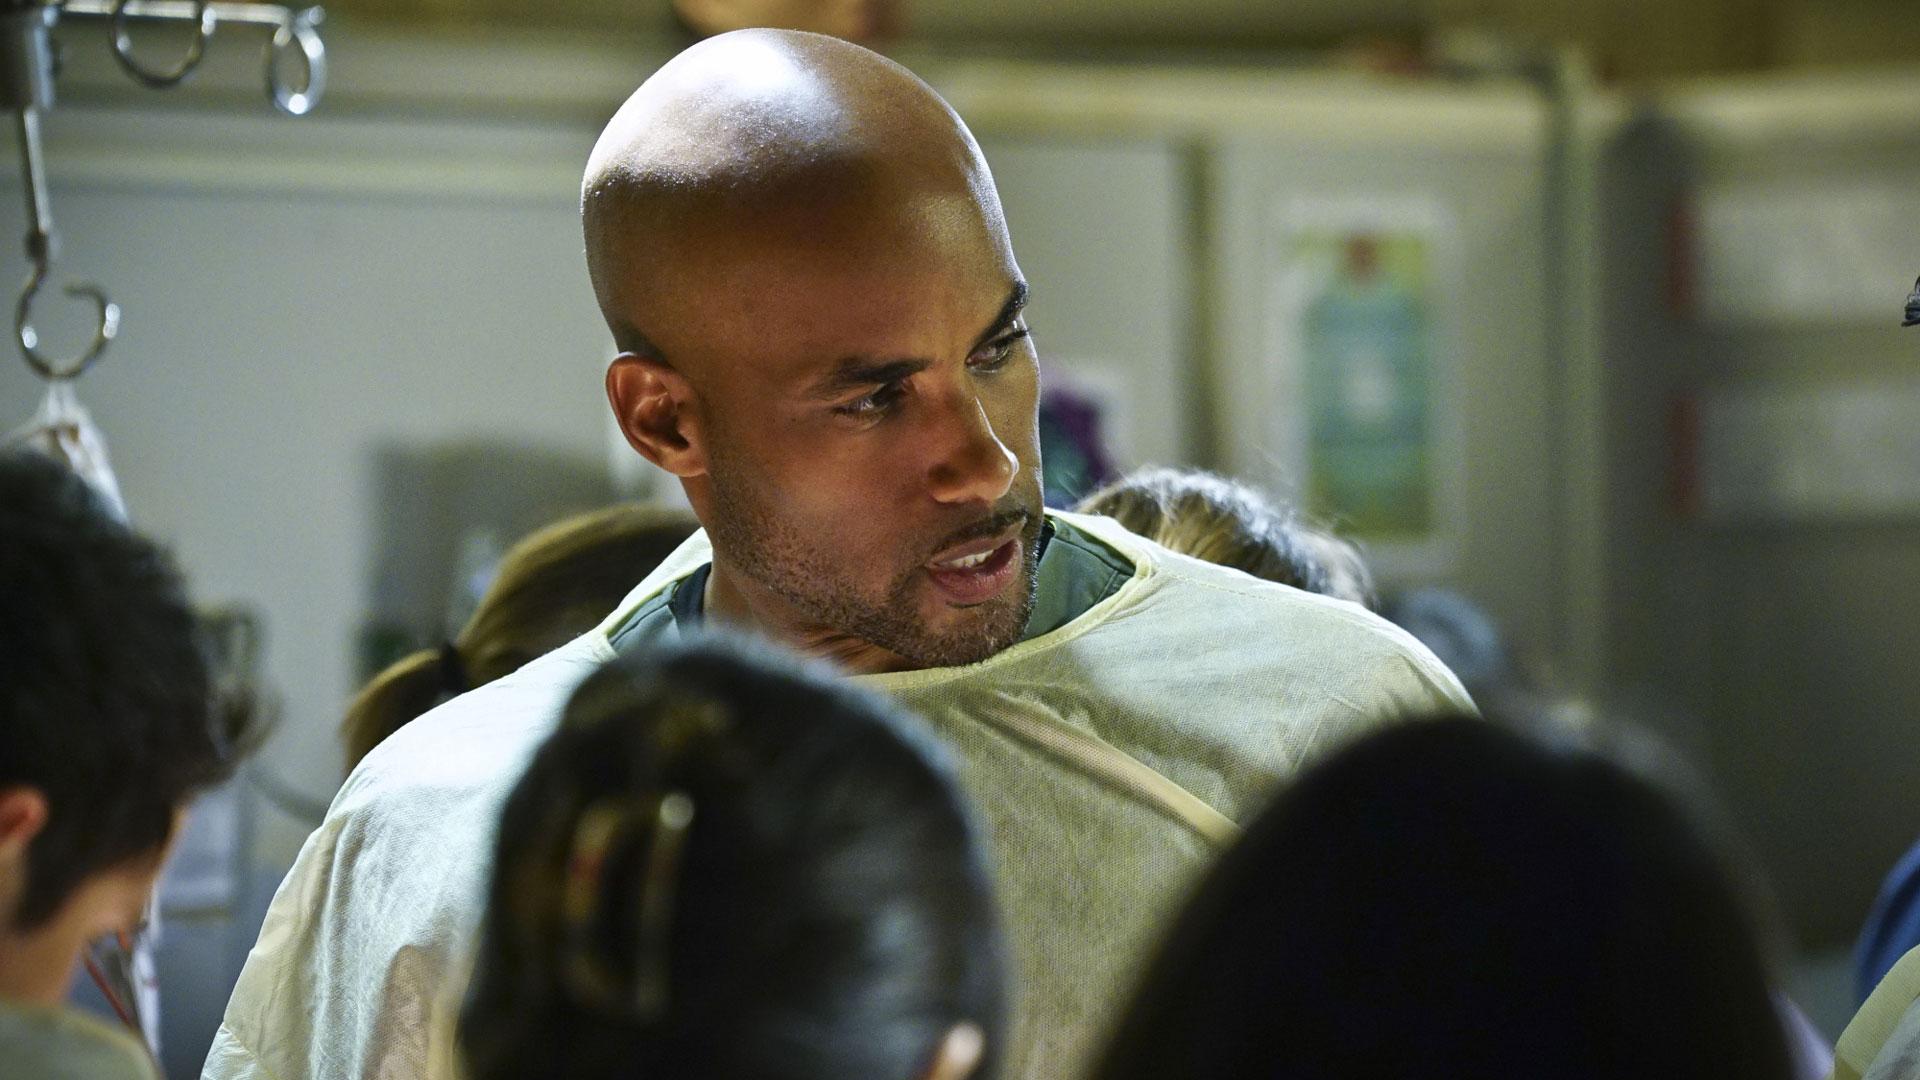 Boris Kodjoe as Dr. Will Campbell